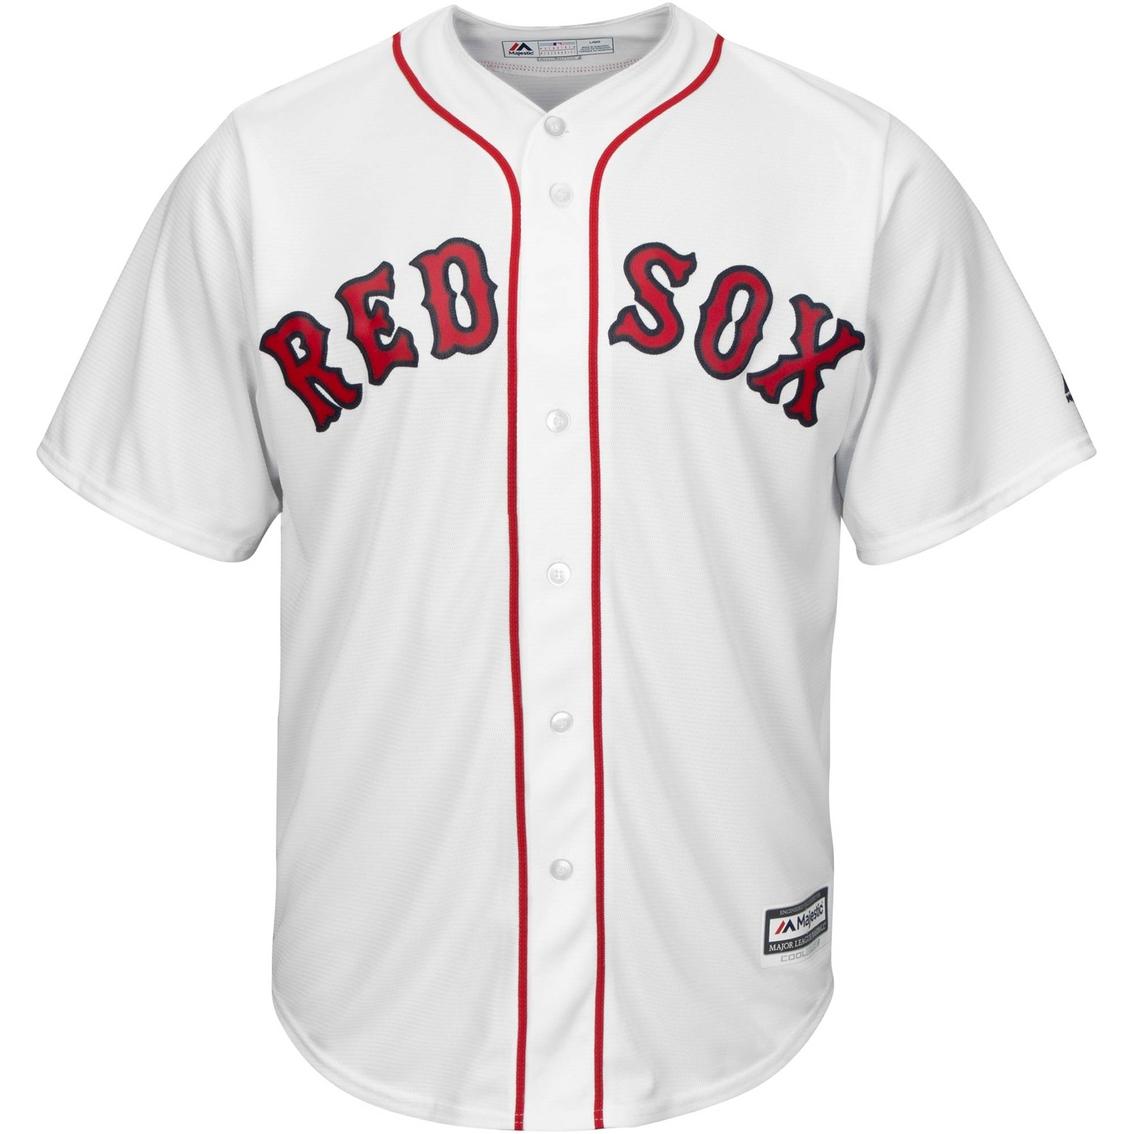 1a8e8a9774c Majestic Mlb Boston Red Sox Men s Replica Home Jersey